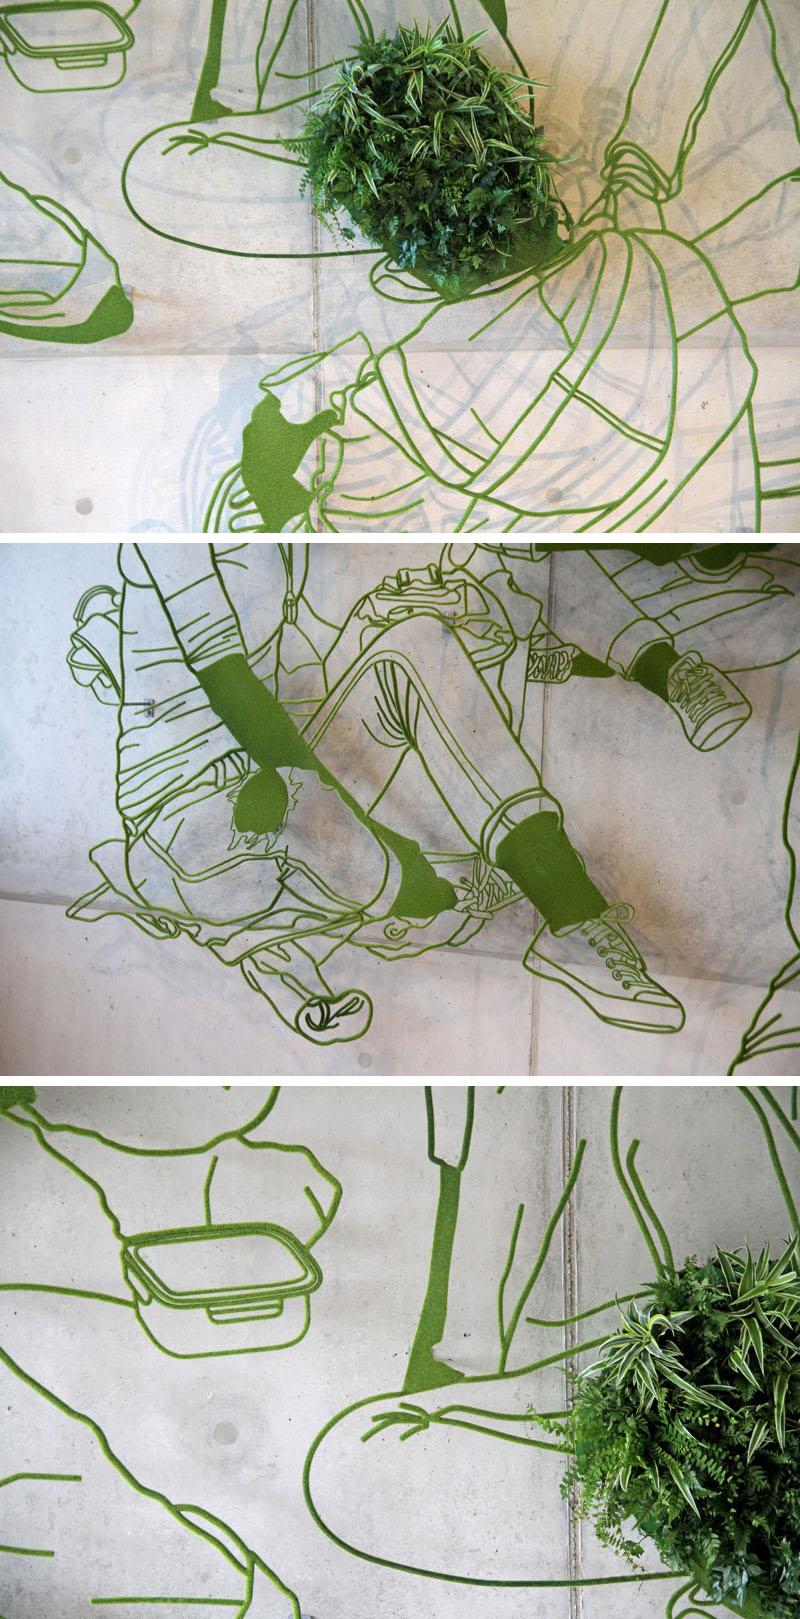 art-sculpture-mural-141116-444-05